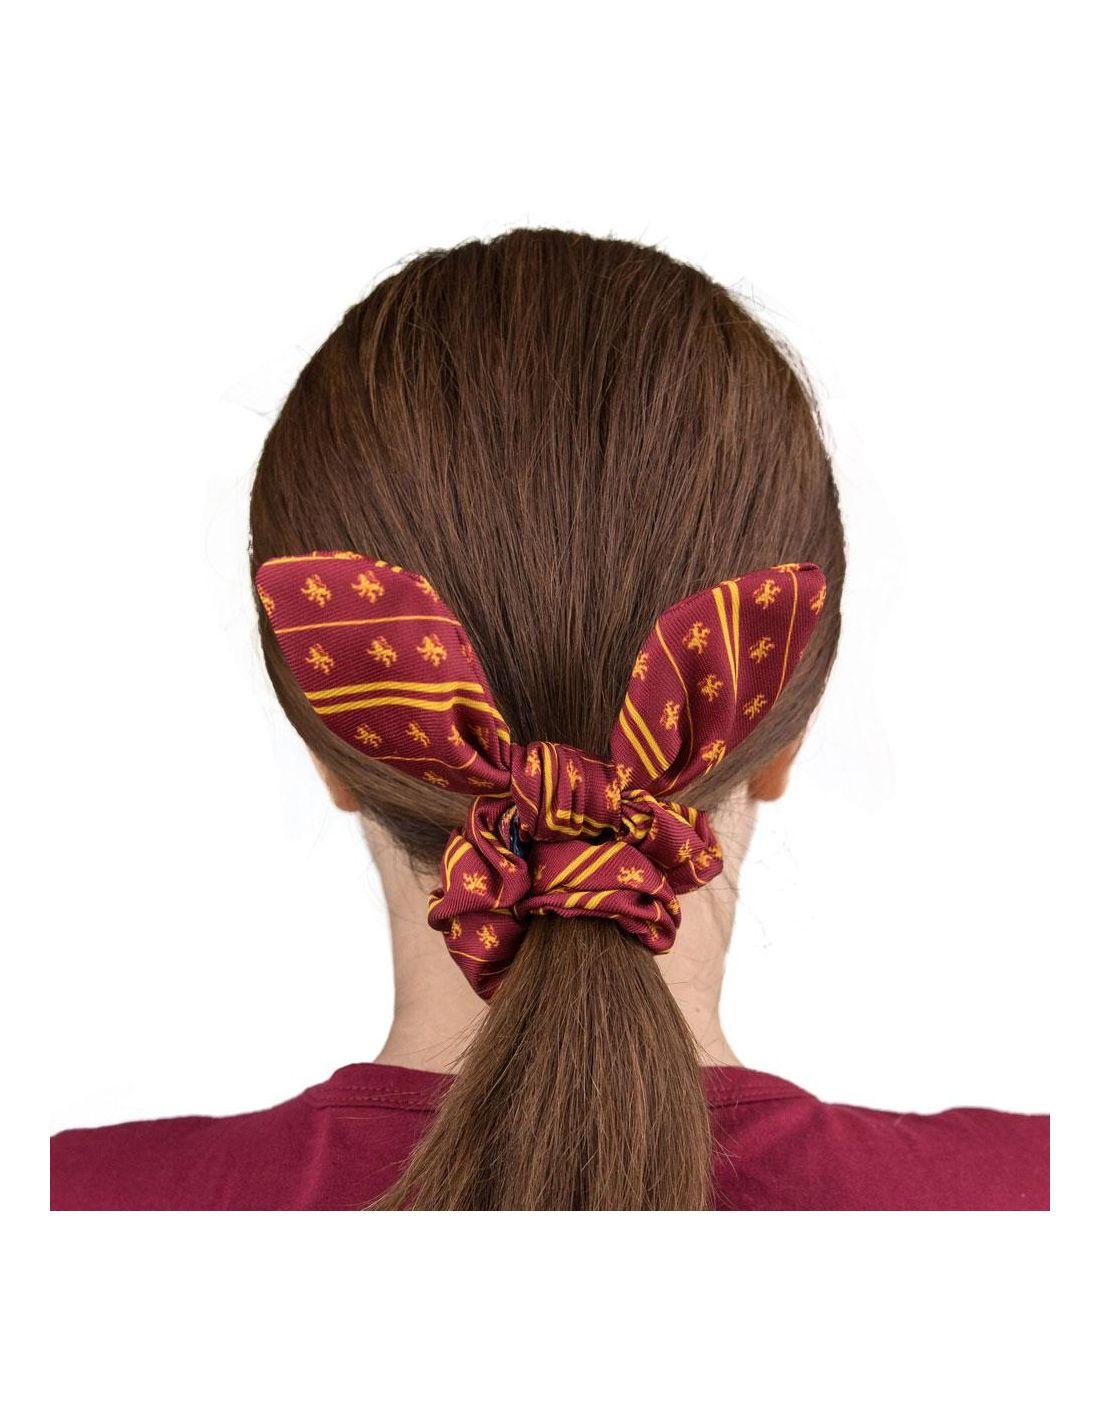 Accesorios para el pelo Trendy Gryffindor  Harry Potter